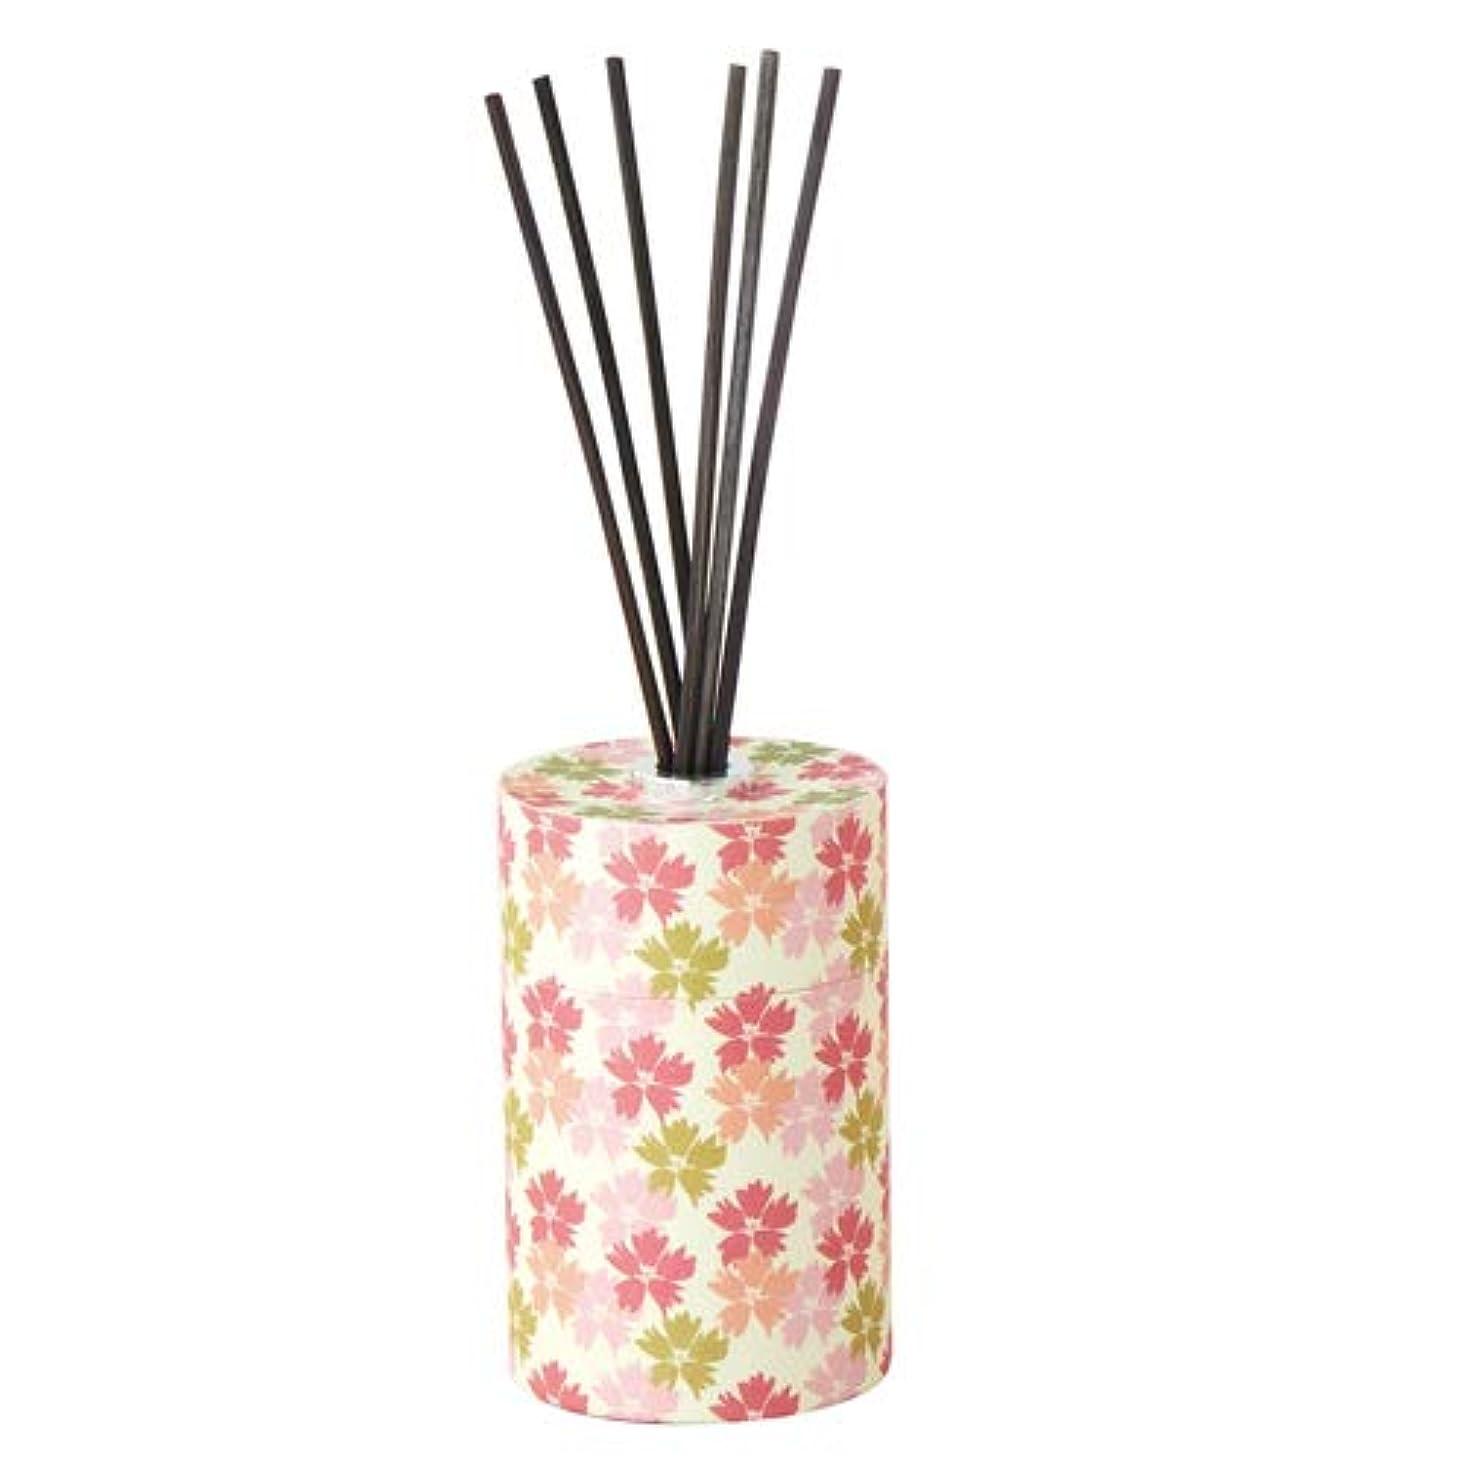 武装解除売上高に変わる和遊ディフューザー 桜の香り 1個